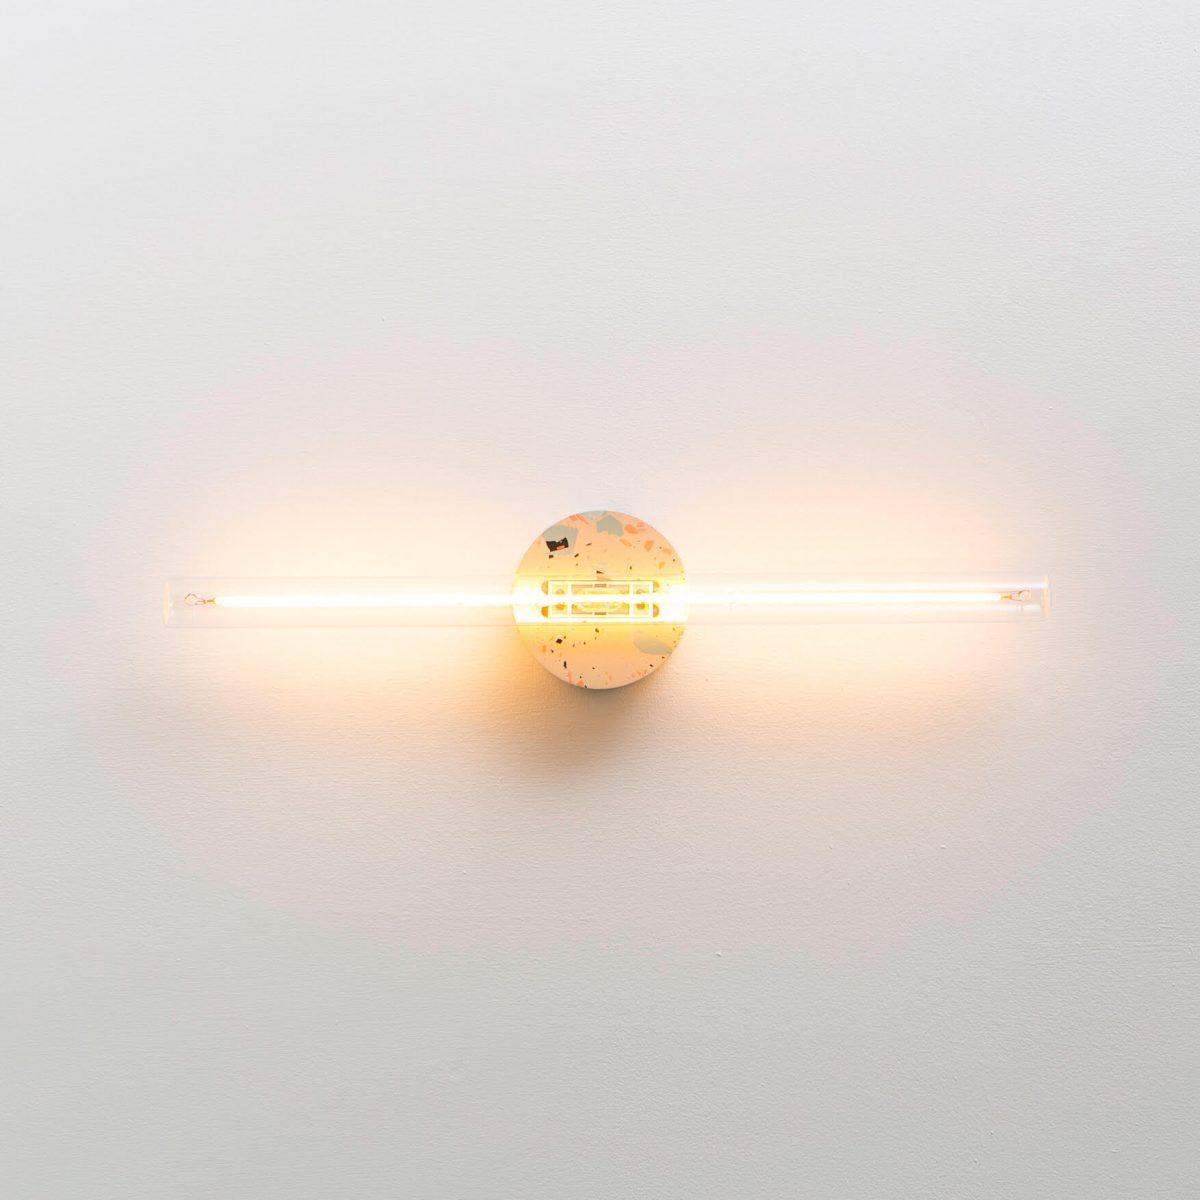 Recast Roze Wandlamp Transparant Glas Led 2200k Extra Warm Wit